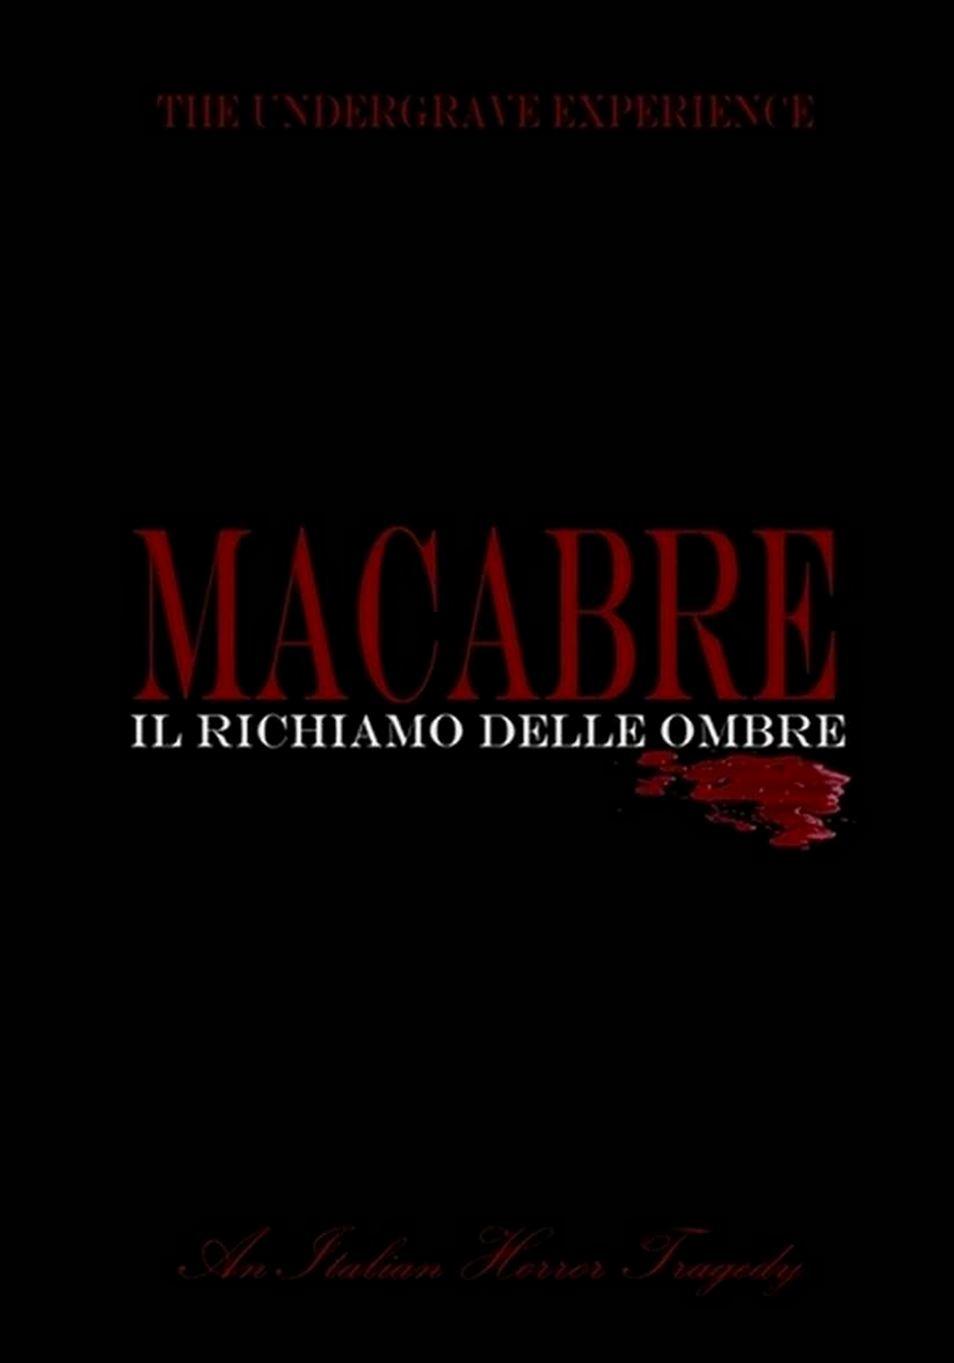 The Undergrave Experience - Macabre - Il richiamo delle ombre